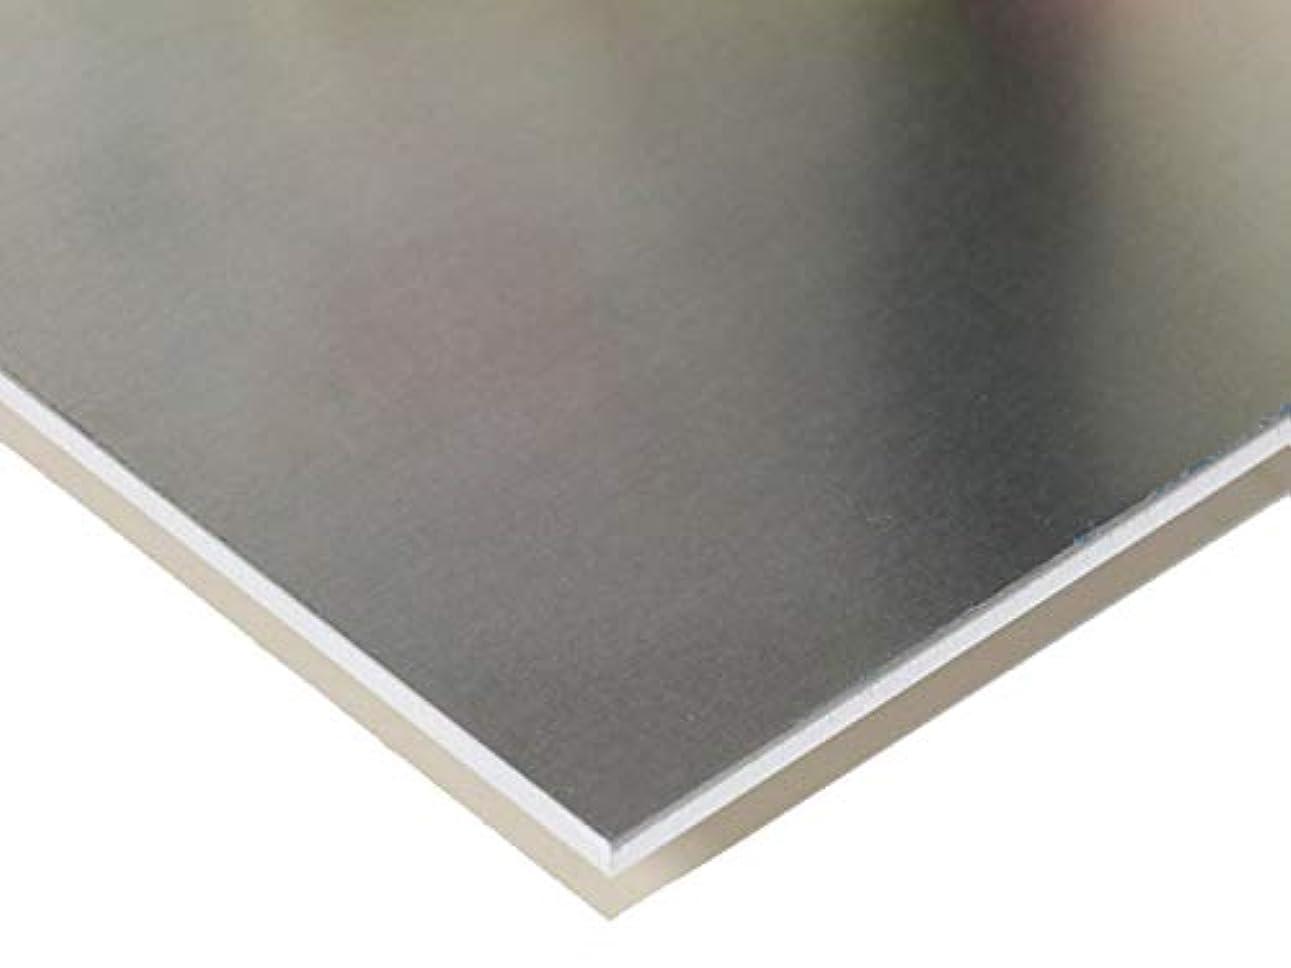 虹ハイジャック充電オーダーカット アルミ板 A5052 生地 板厚1.5mm 200mm × 900mm